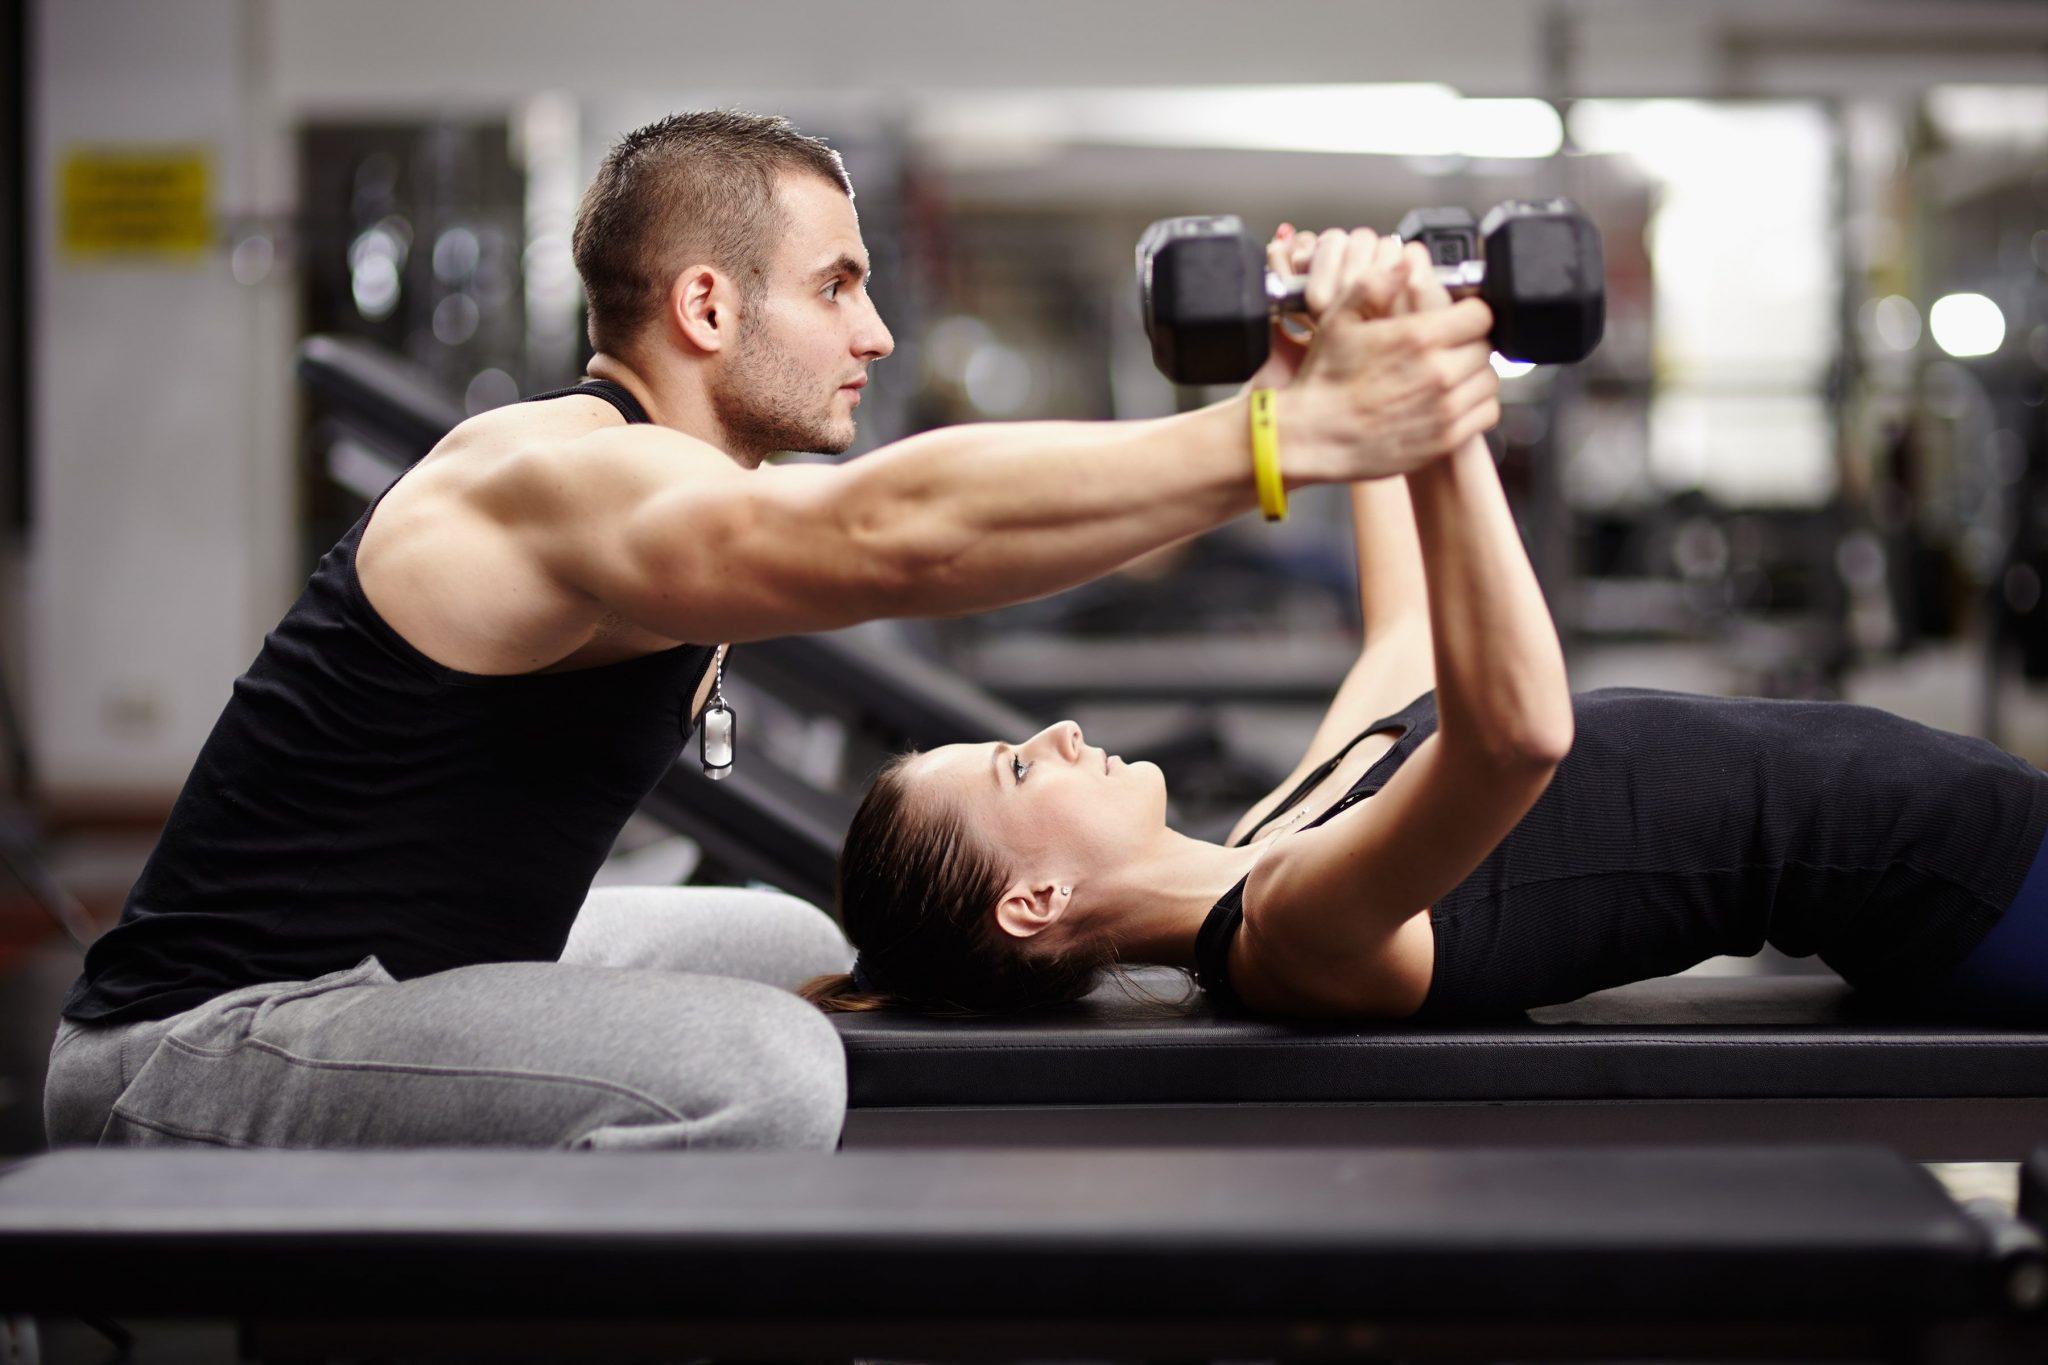 Fitness-Yaparken-Dikkat-Edilmesi-Gereken-5-Madde